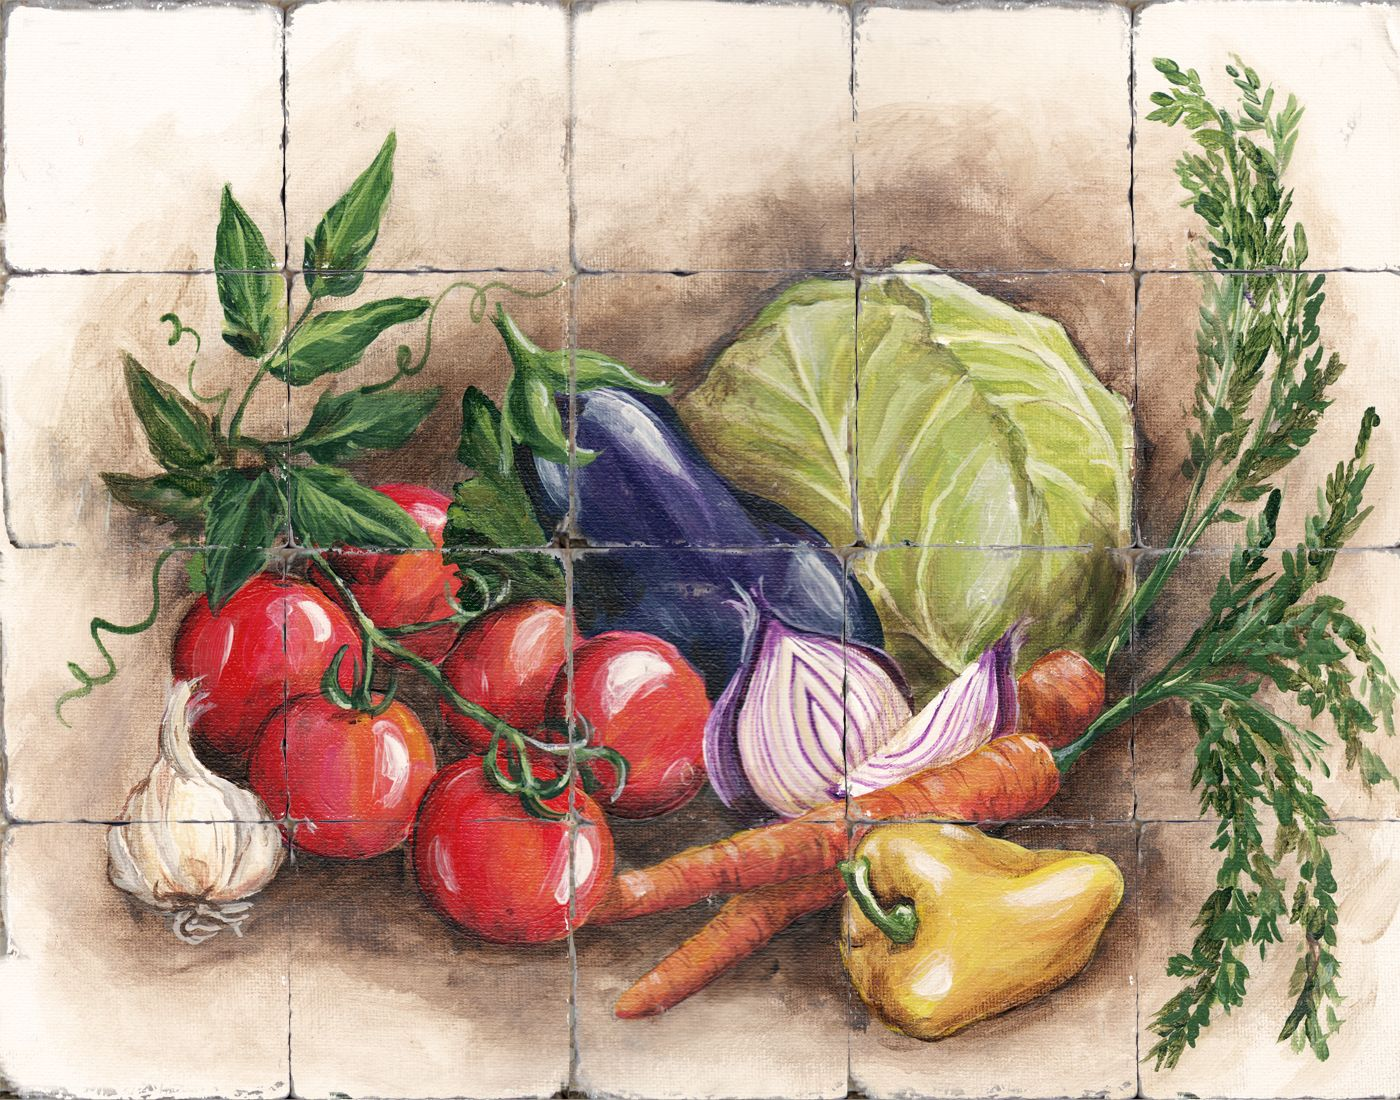 Kitchen Tiles Fruits Vegetables tuscany vegetable decor | tre sorelle's art licensing program